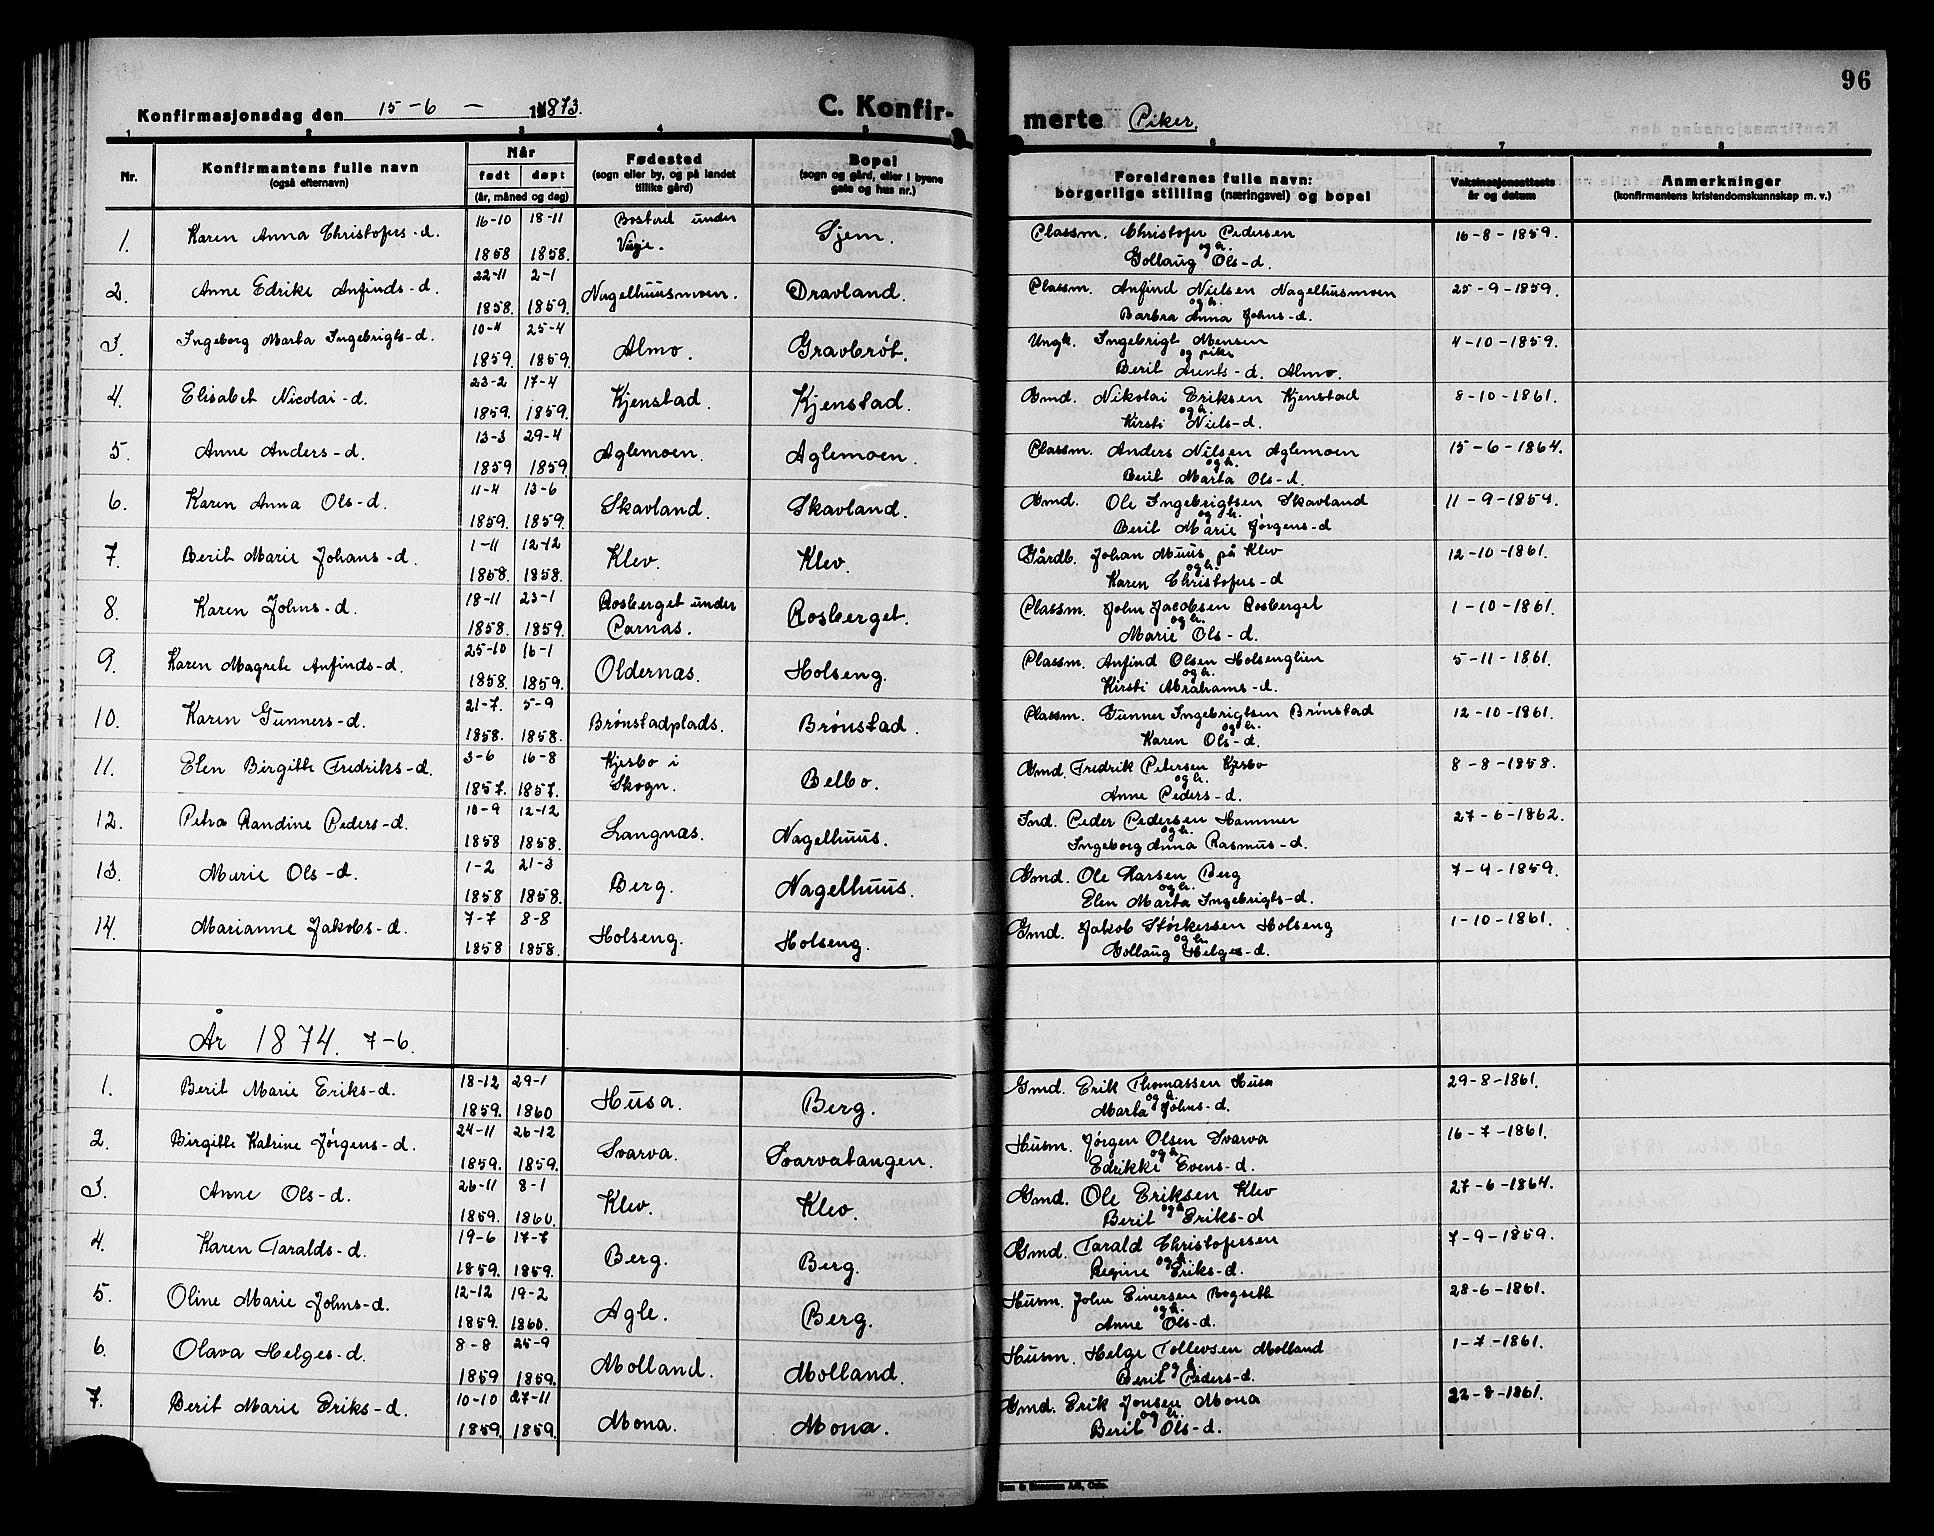 SAT, Ministerialprotokoller, klokkerbøker og fødselsregistre - Nord-Trøndelag, 749/L0486: Ministerialbok nr. 749D02, 1873-1887, s. 96